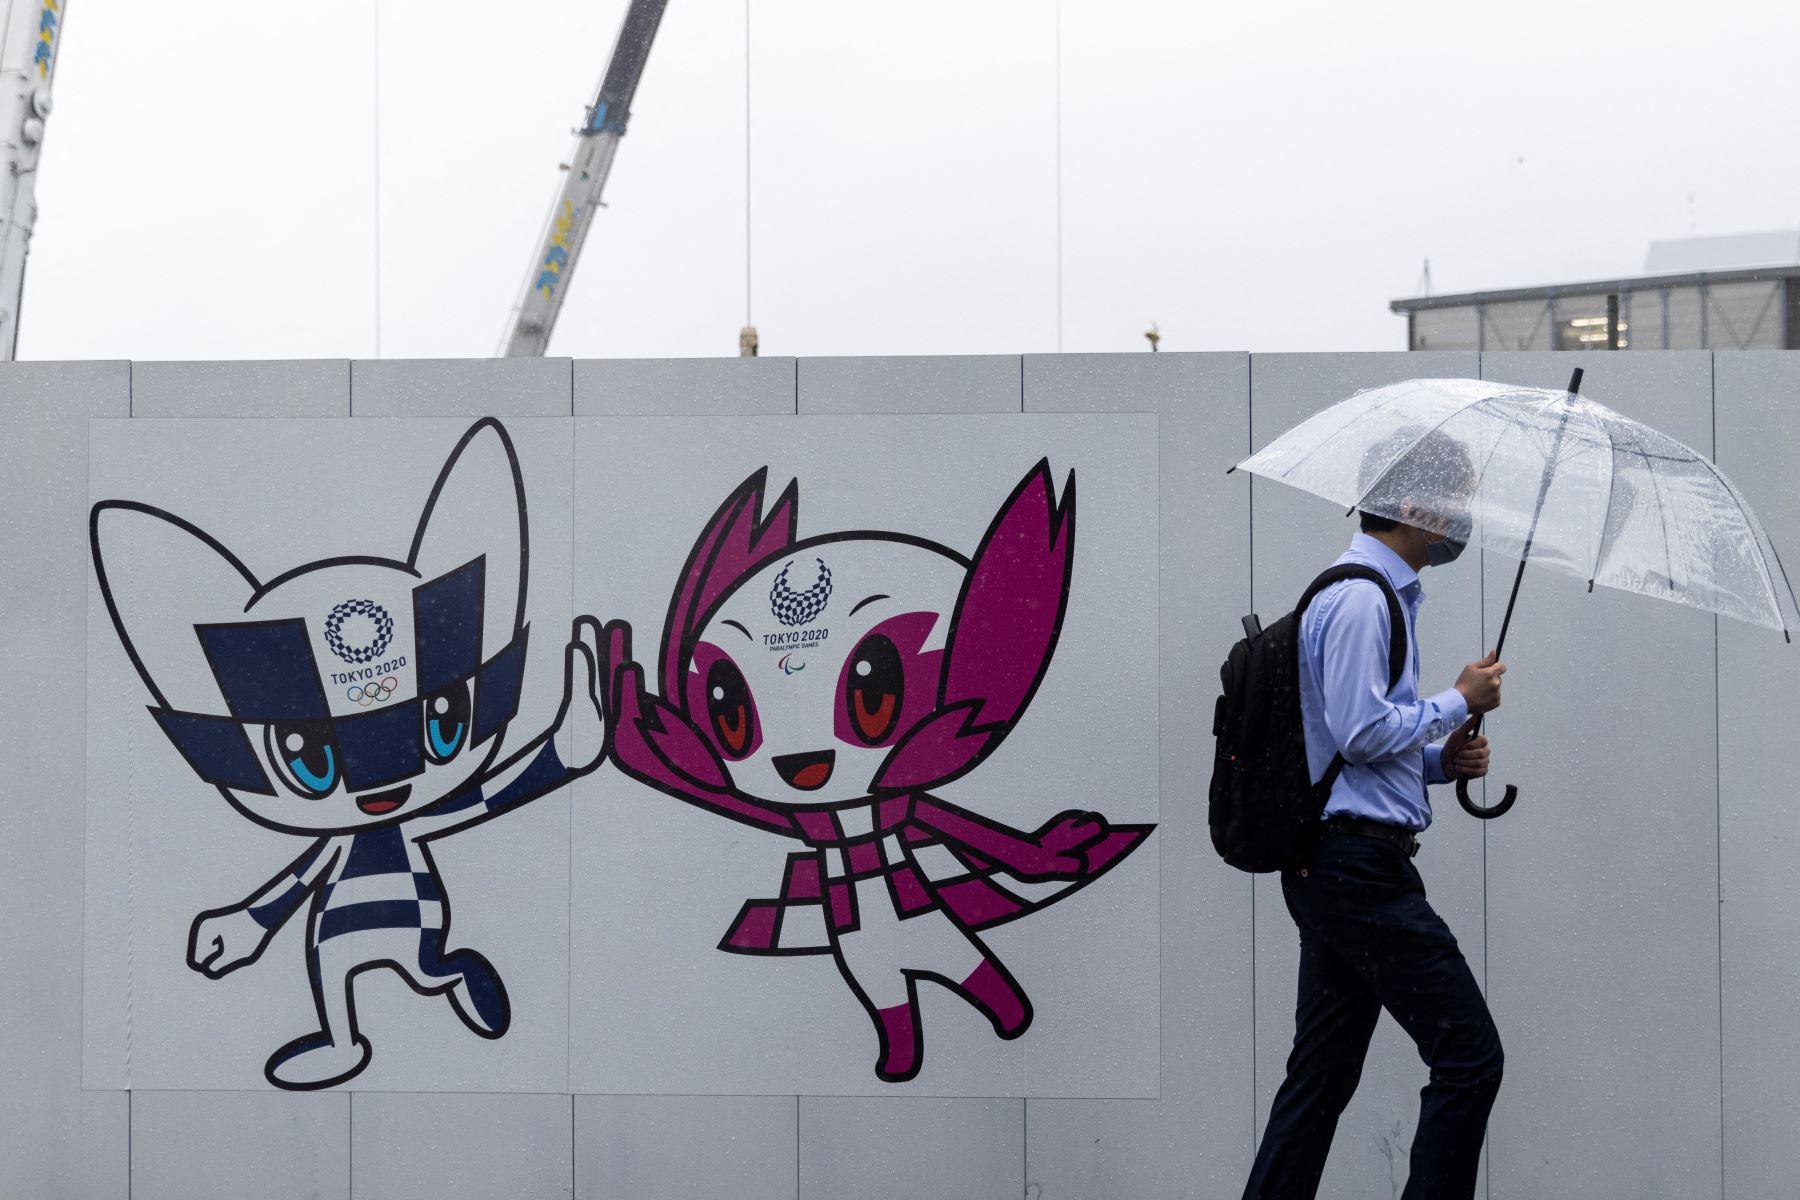 Un peatón pasa junto a un tablero de decoración de los Juegos Olímpicos y Paralímpicos de Tokio 2020 con ilustraciones de las mascotas de los Juegos Miraitowa (L) y Someity (R) en Tokio. Foto: AFP